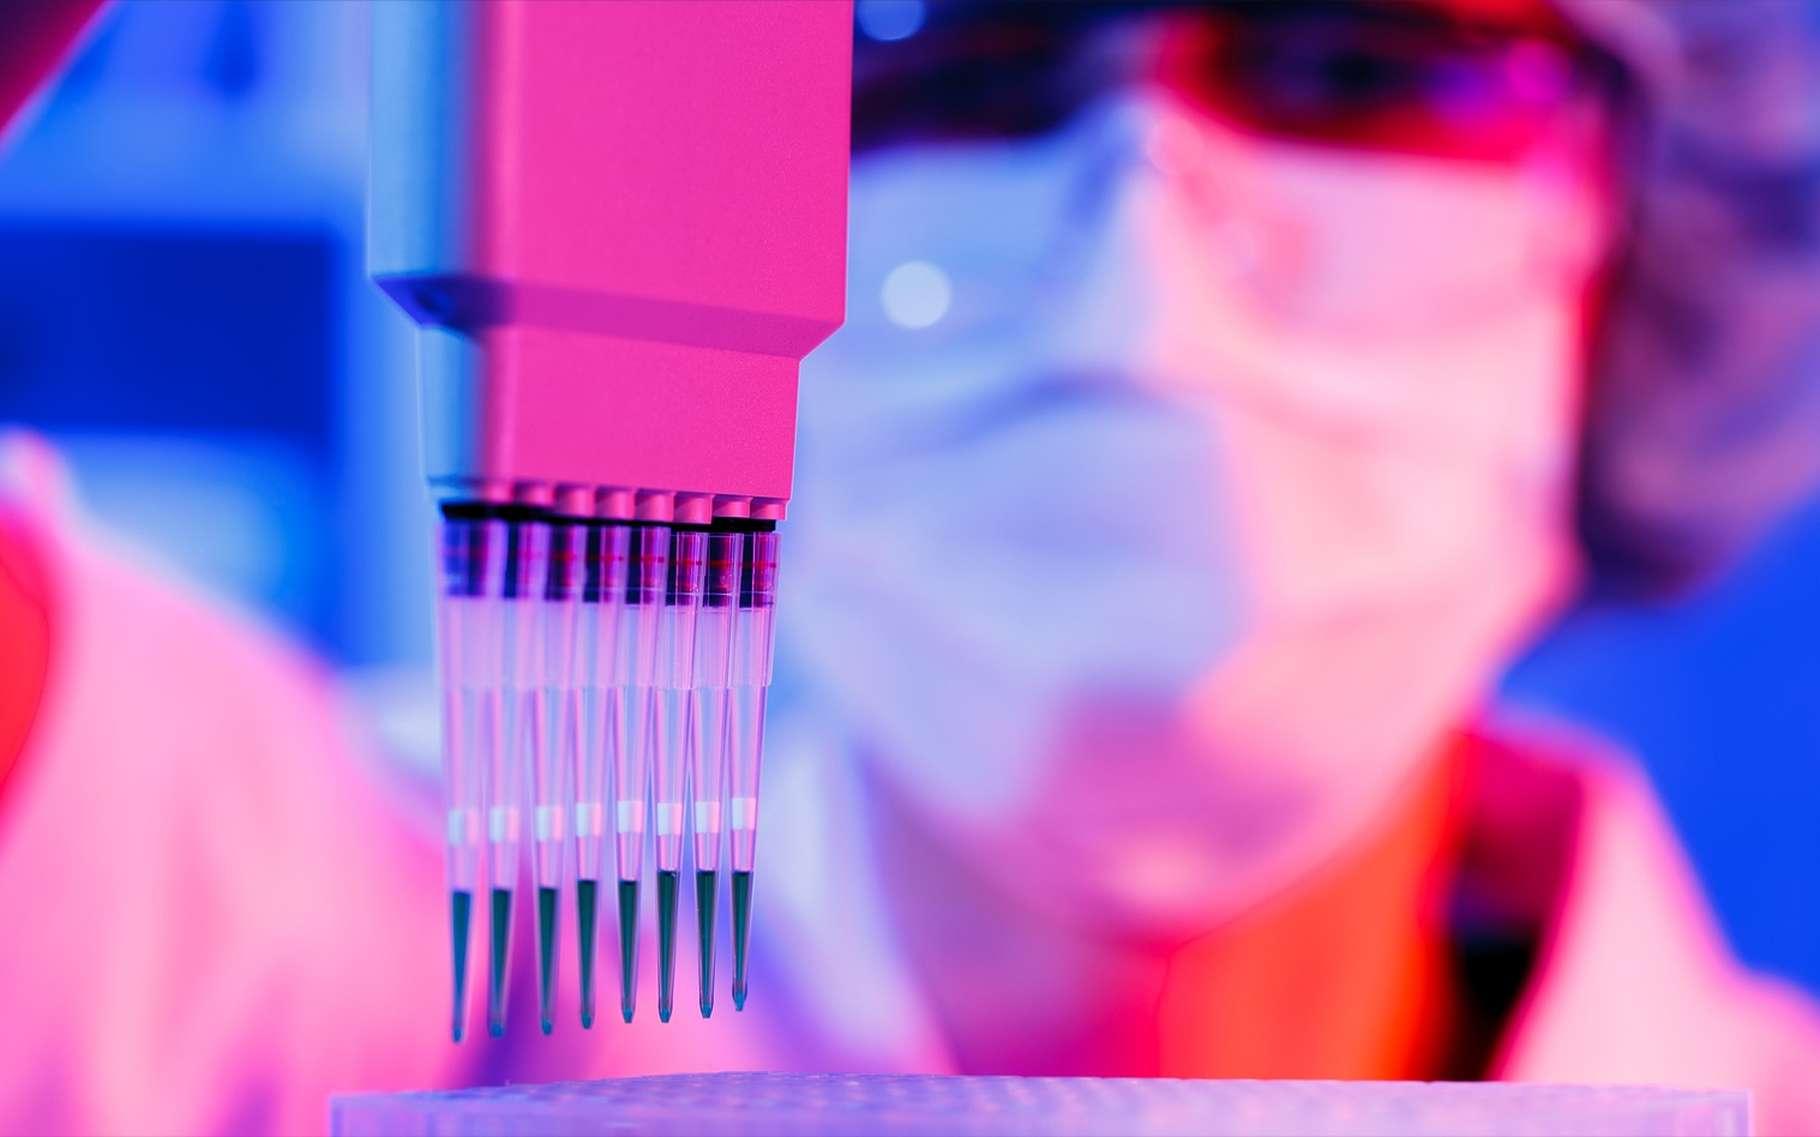 La protéine p53 fait l'objet de nombreuses recherches visant à mettre au point de nouveaux traitements contre le cancer. © science photo, Shutterstock